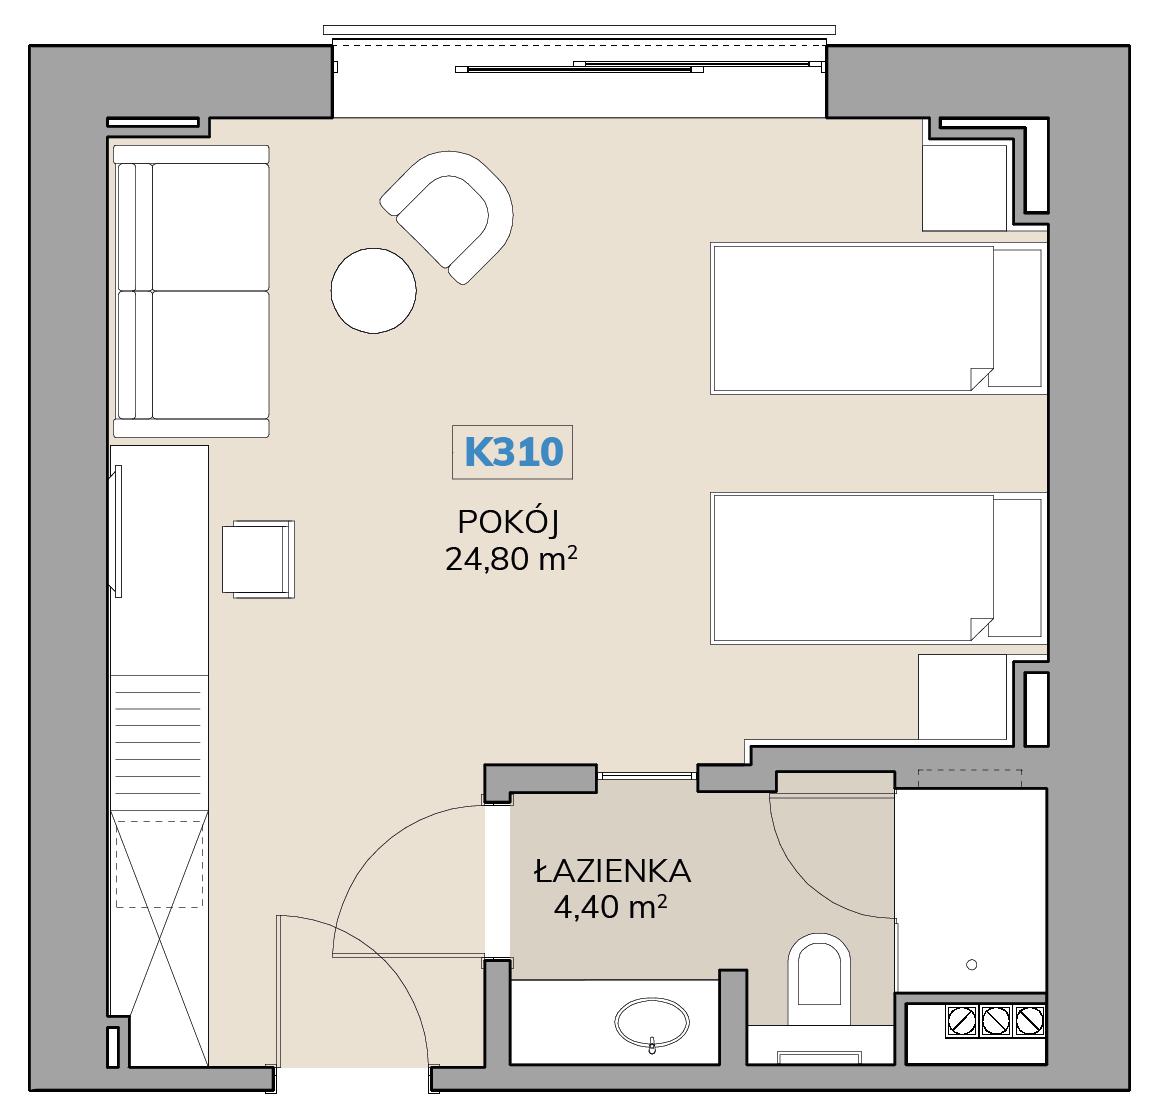 Apartament K310